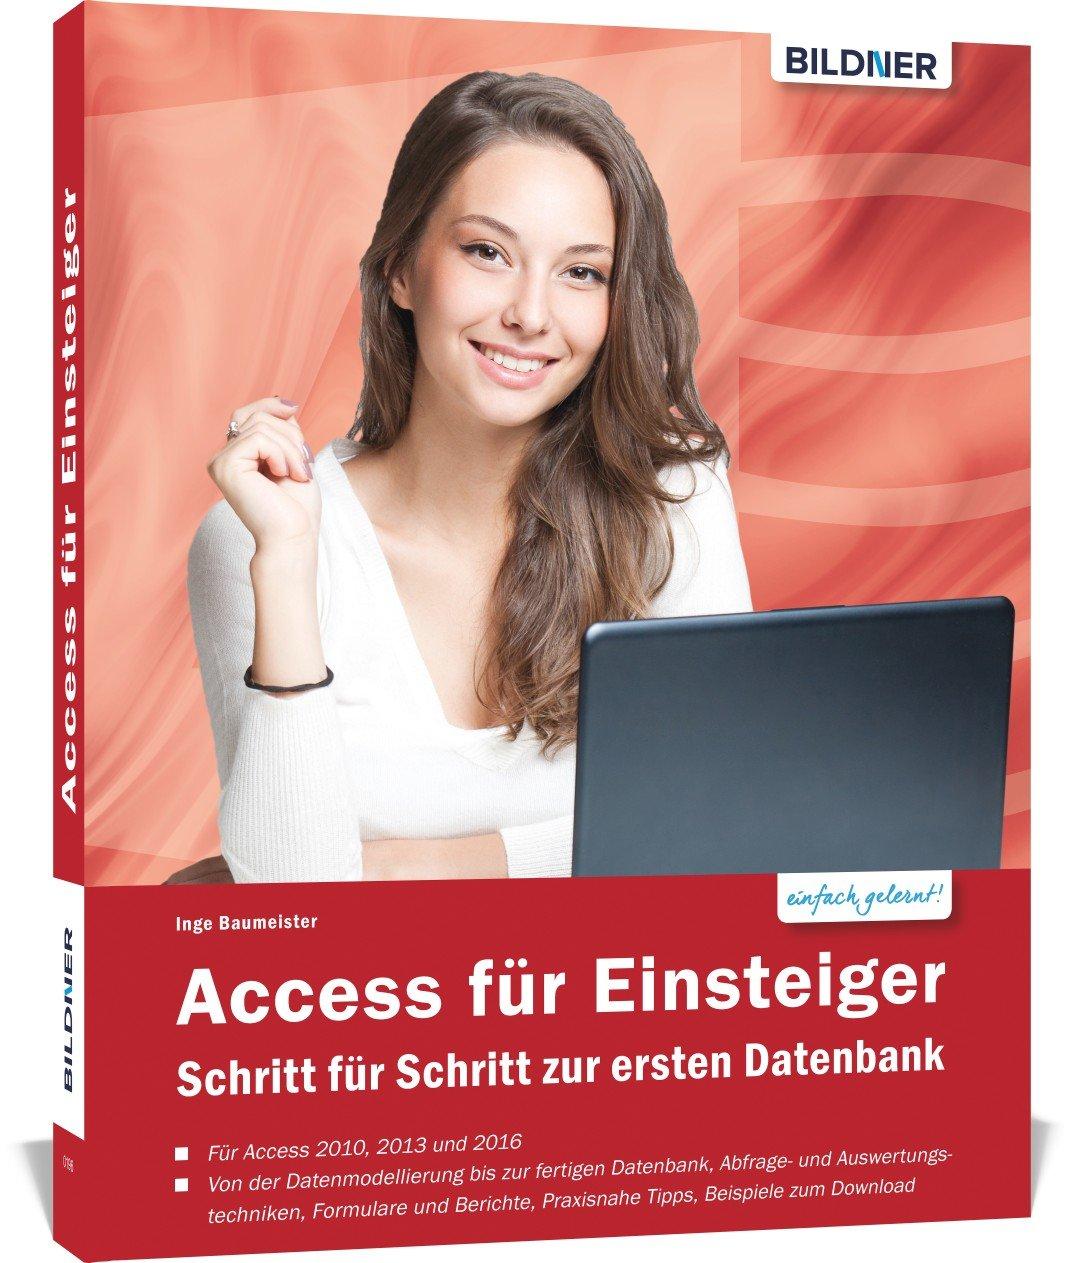 Access für Einsteiger - für die Versionen 2010, 2013 und 2016: Schritt für Schritt zur ersten Datenbank Taschenbuch – 16. Februar 2017 Inge Baumeister BILDNER Verlag 383280174X Anwendungs-Software